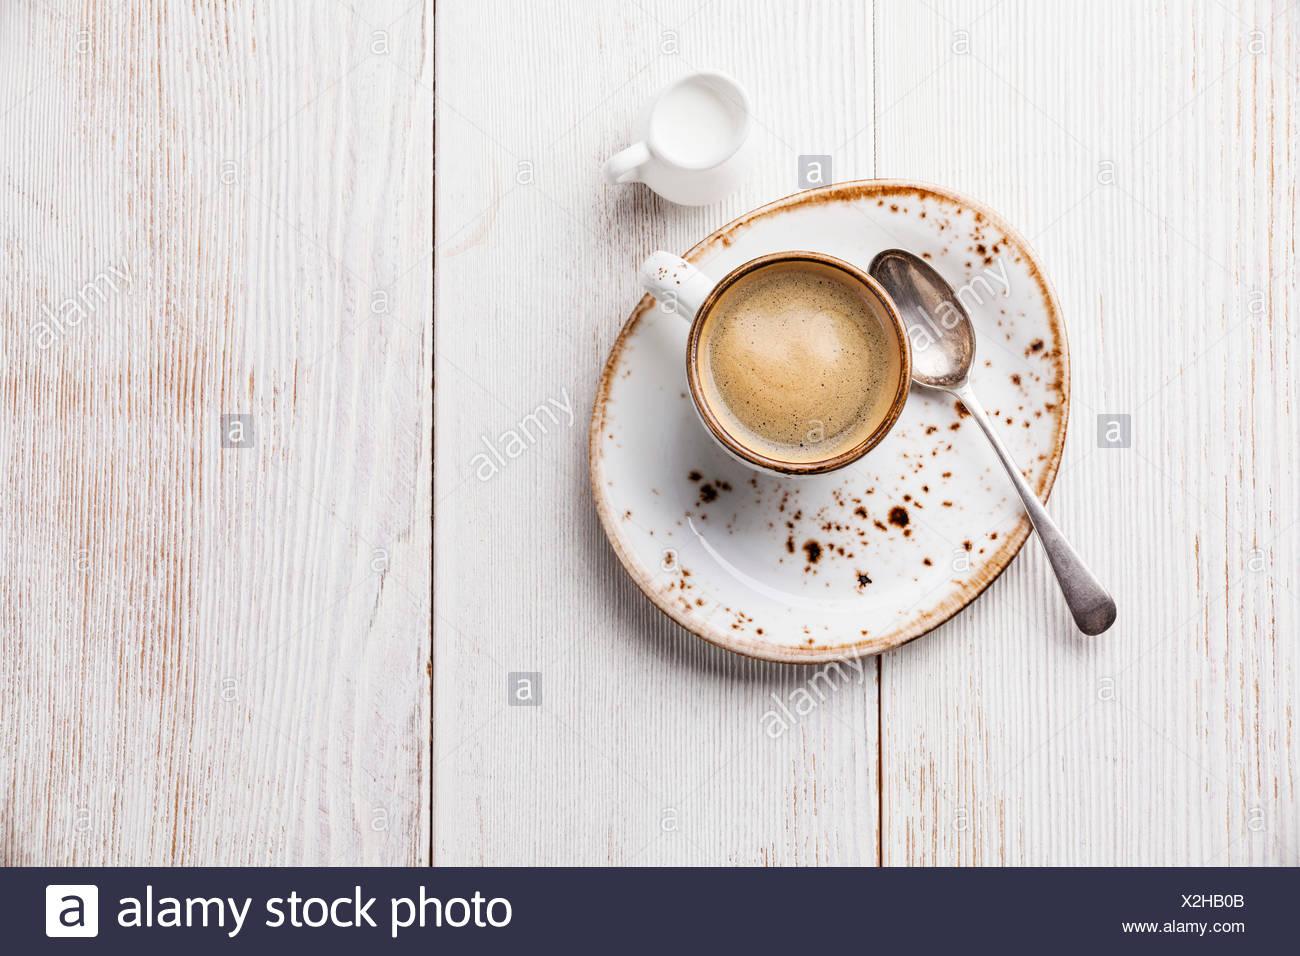 Tazza da caffè in bianco sullo sfondo di legno Immagini Stock